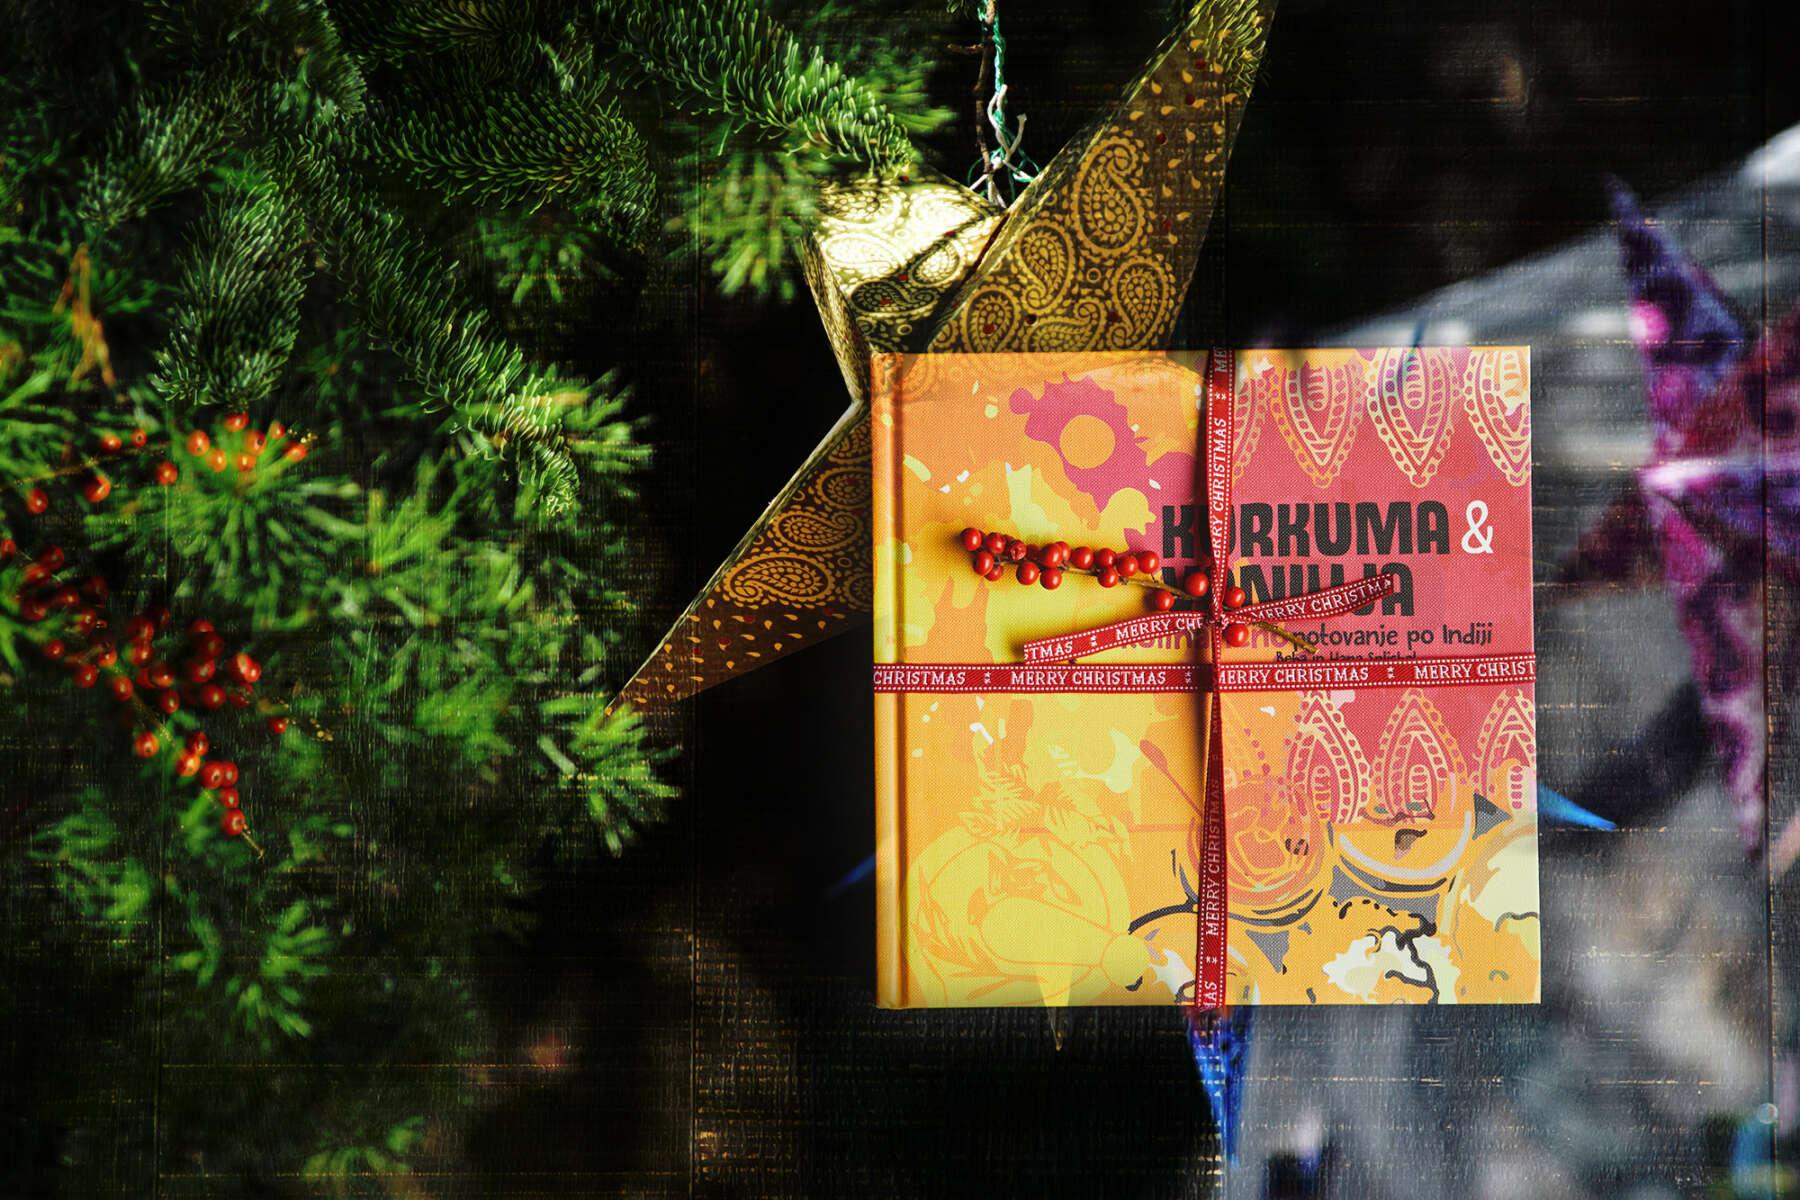 Kuharska knjiga, indijski recepti in potopis, avtorici Hana in Beba Splichal